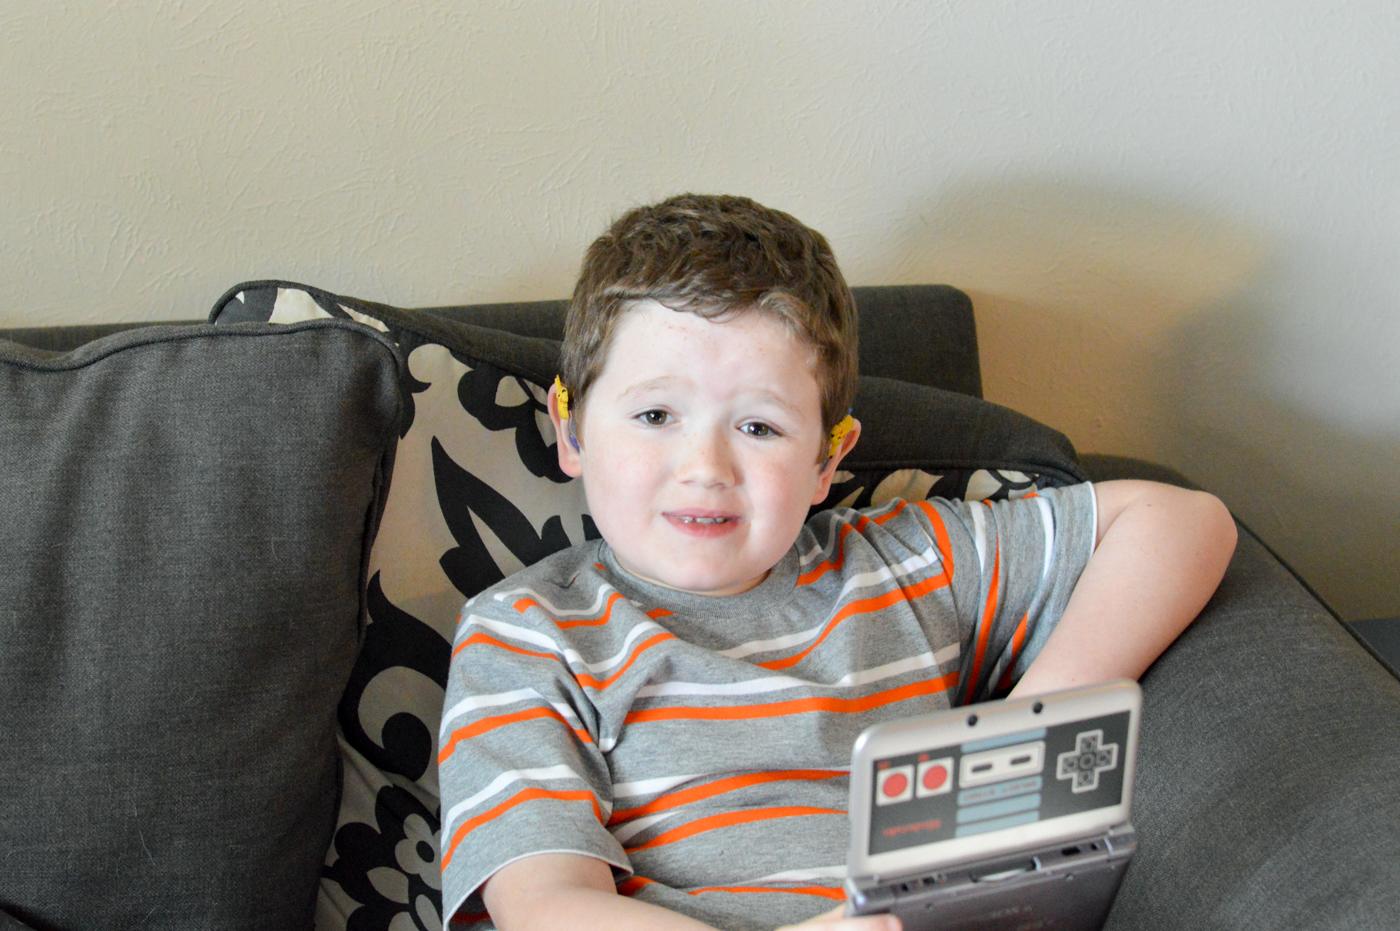 Hero playing Nintendo 3DS